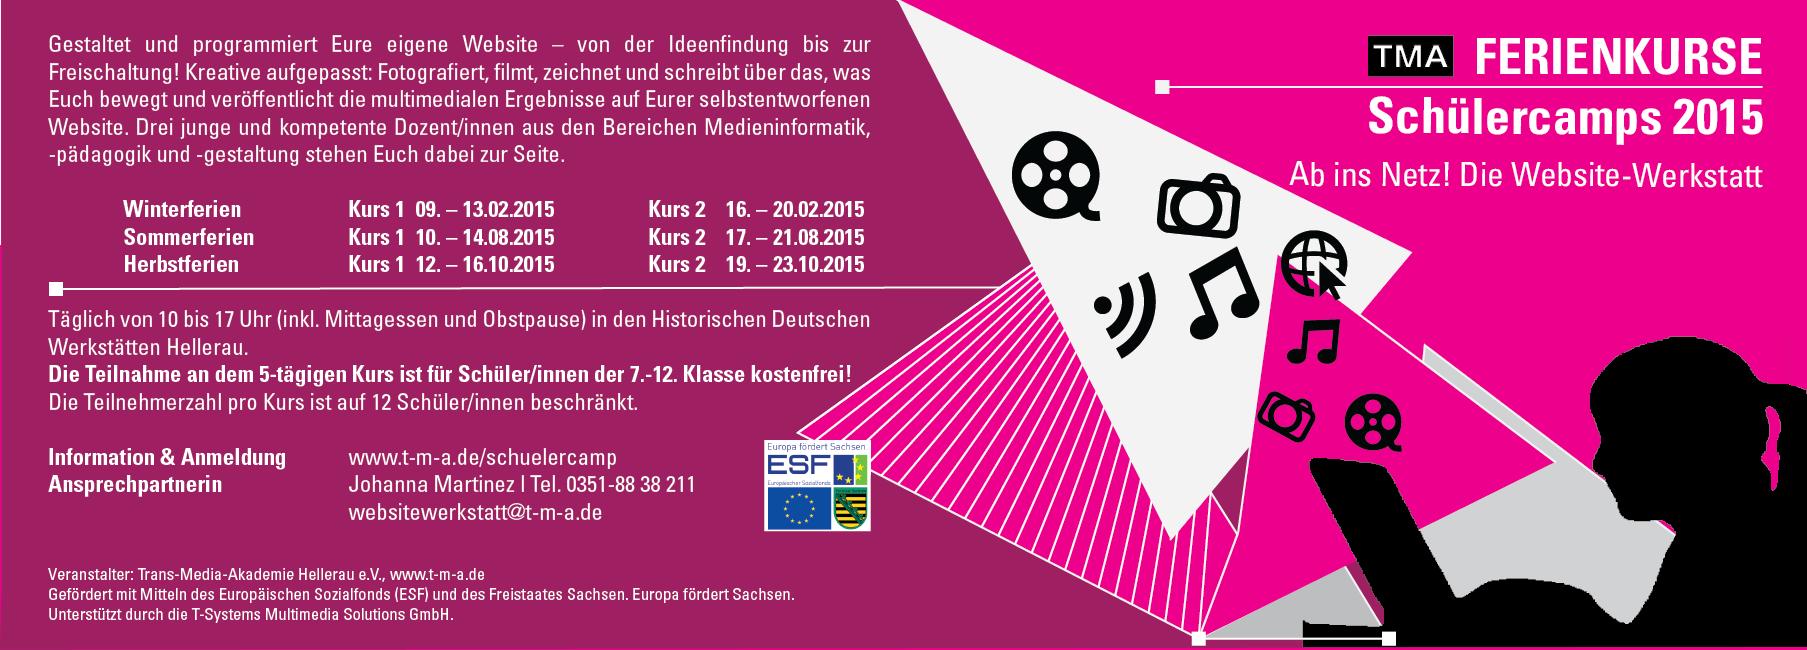 Flyer Schülercamp Ab ins Netz! Website-Werkstatt Dresden